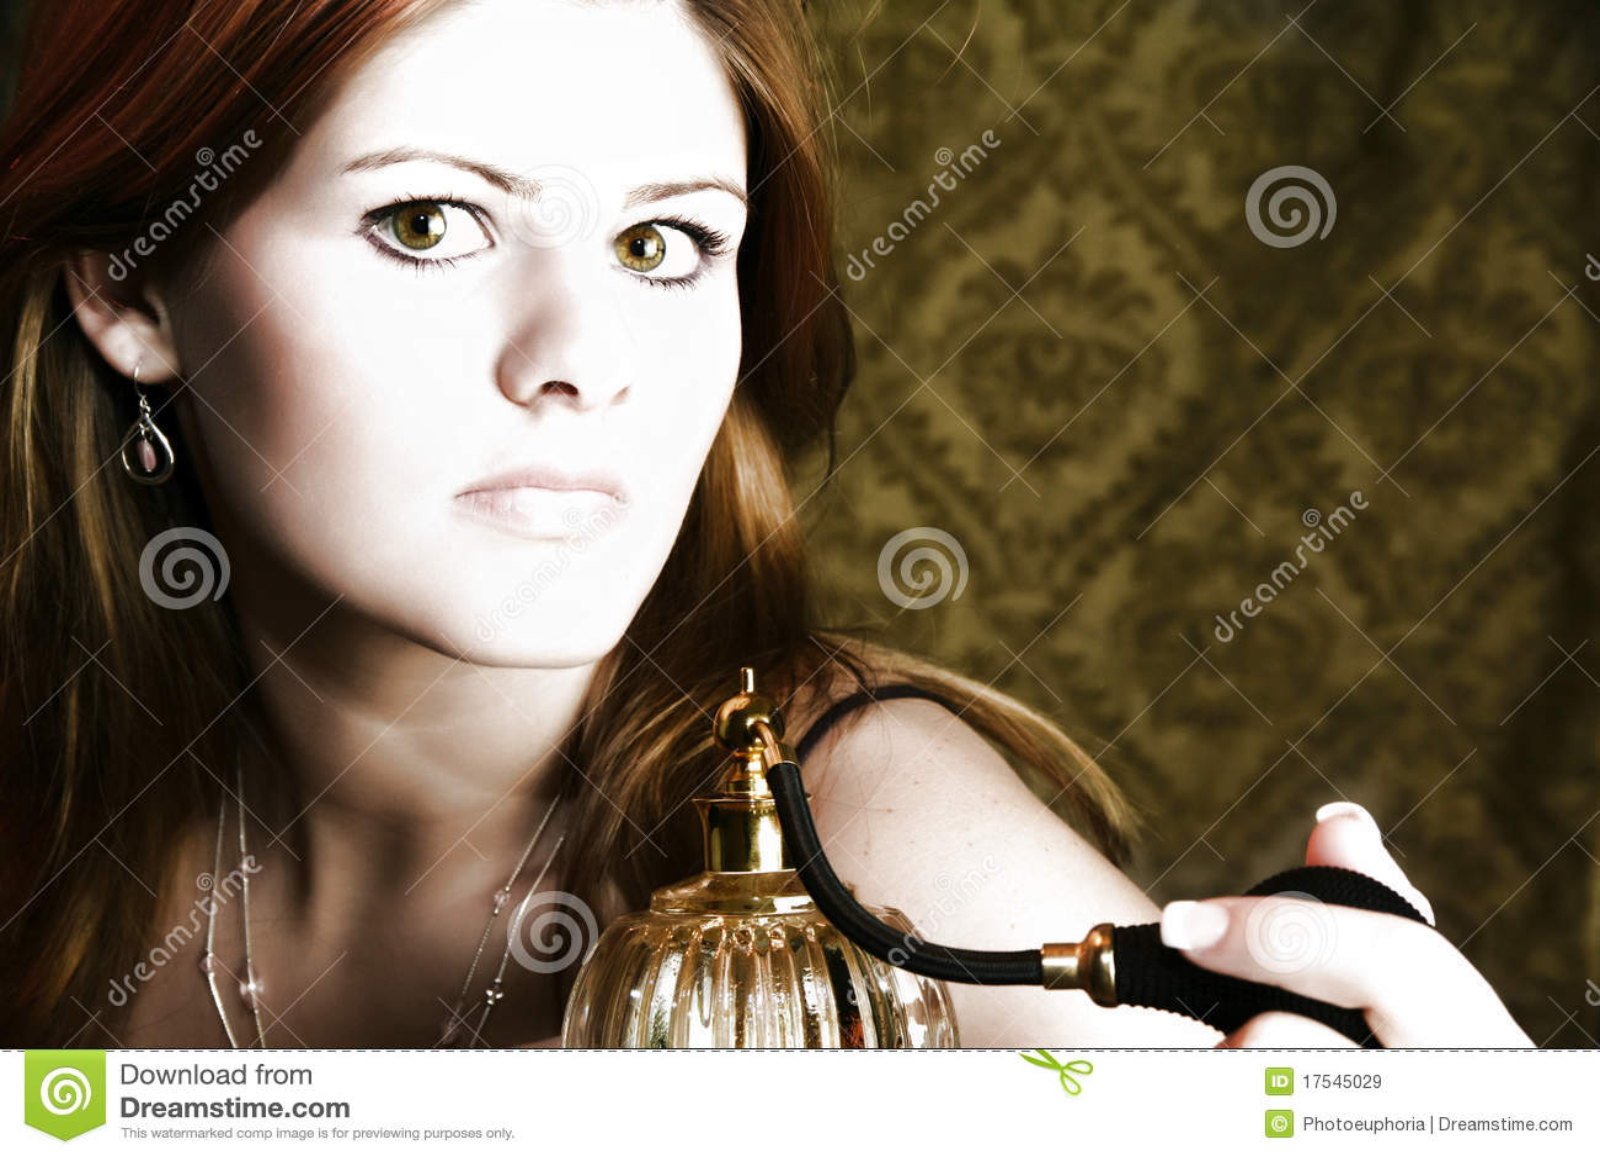 Frau mit Duftstoff-Zerstäuber